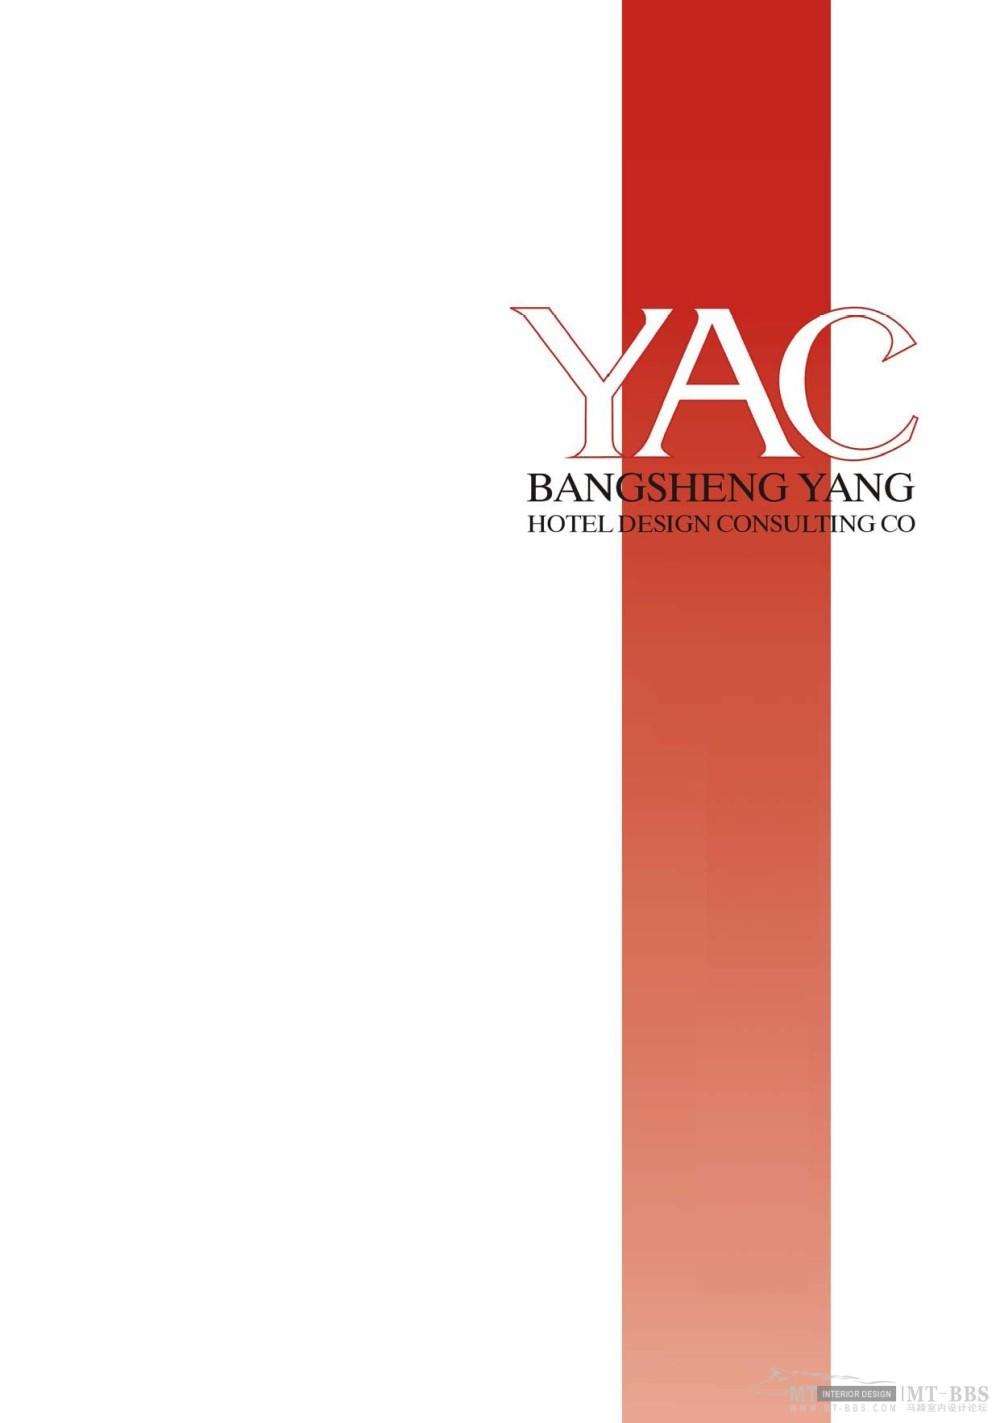 杨邦胜_2011.03.30YAC(国际)杨邦胜酒店设计顾问公司简介_页面_01.jpg